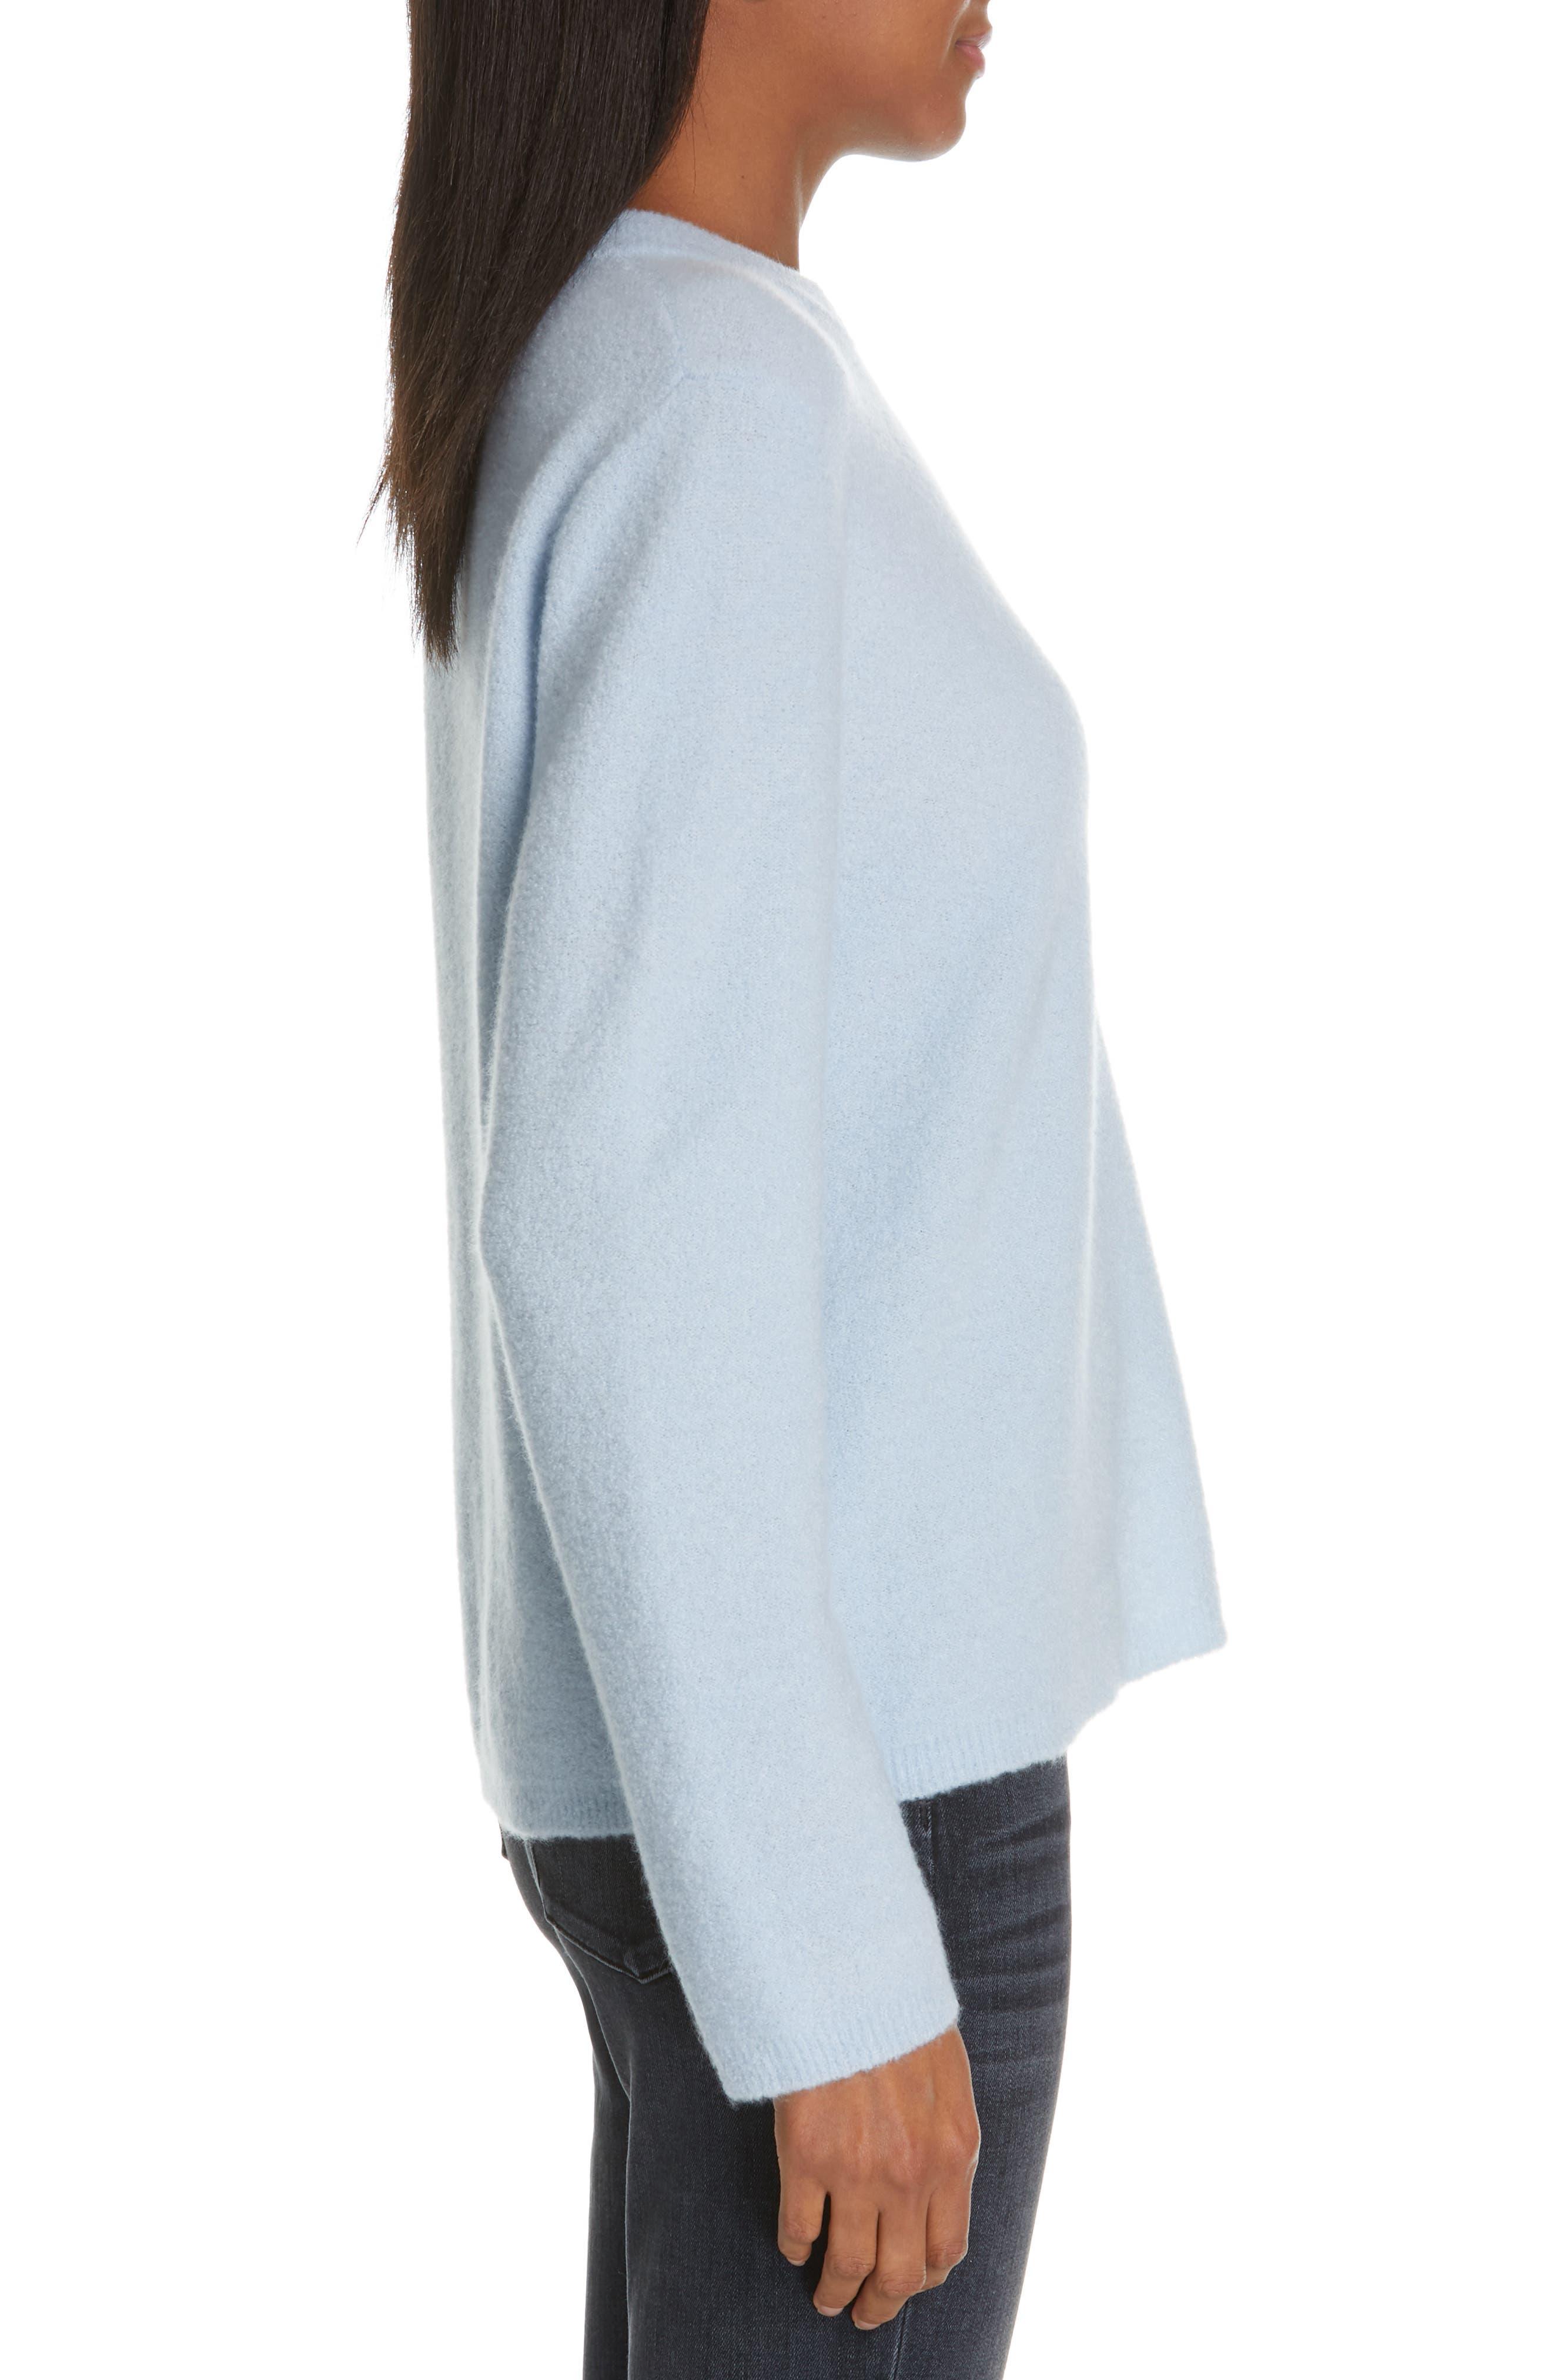 NORDSTROM SIGNATURE, Cashmere Blend Bouclé Sweater, Alternate thumbnail 3, color, BLUE CASHMERE